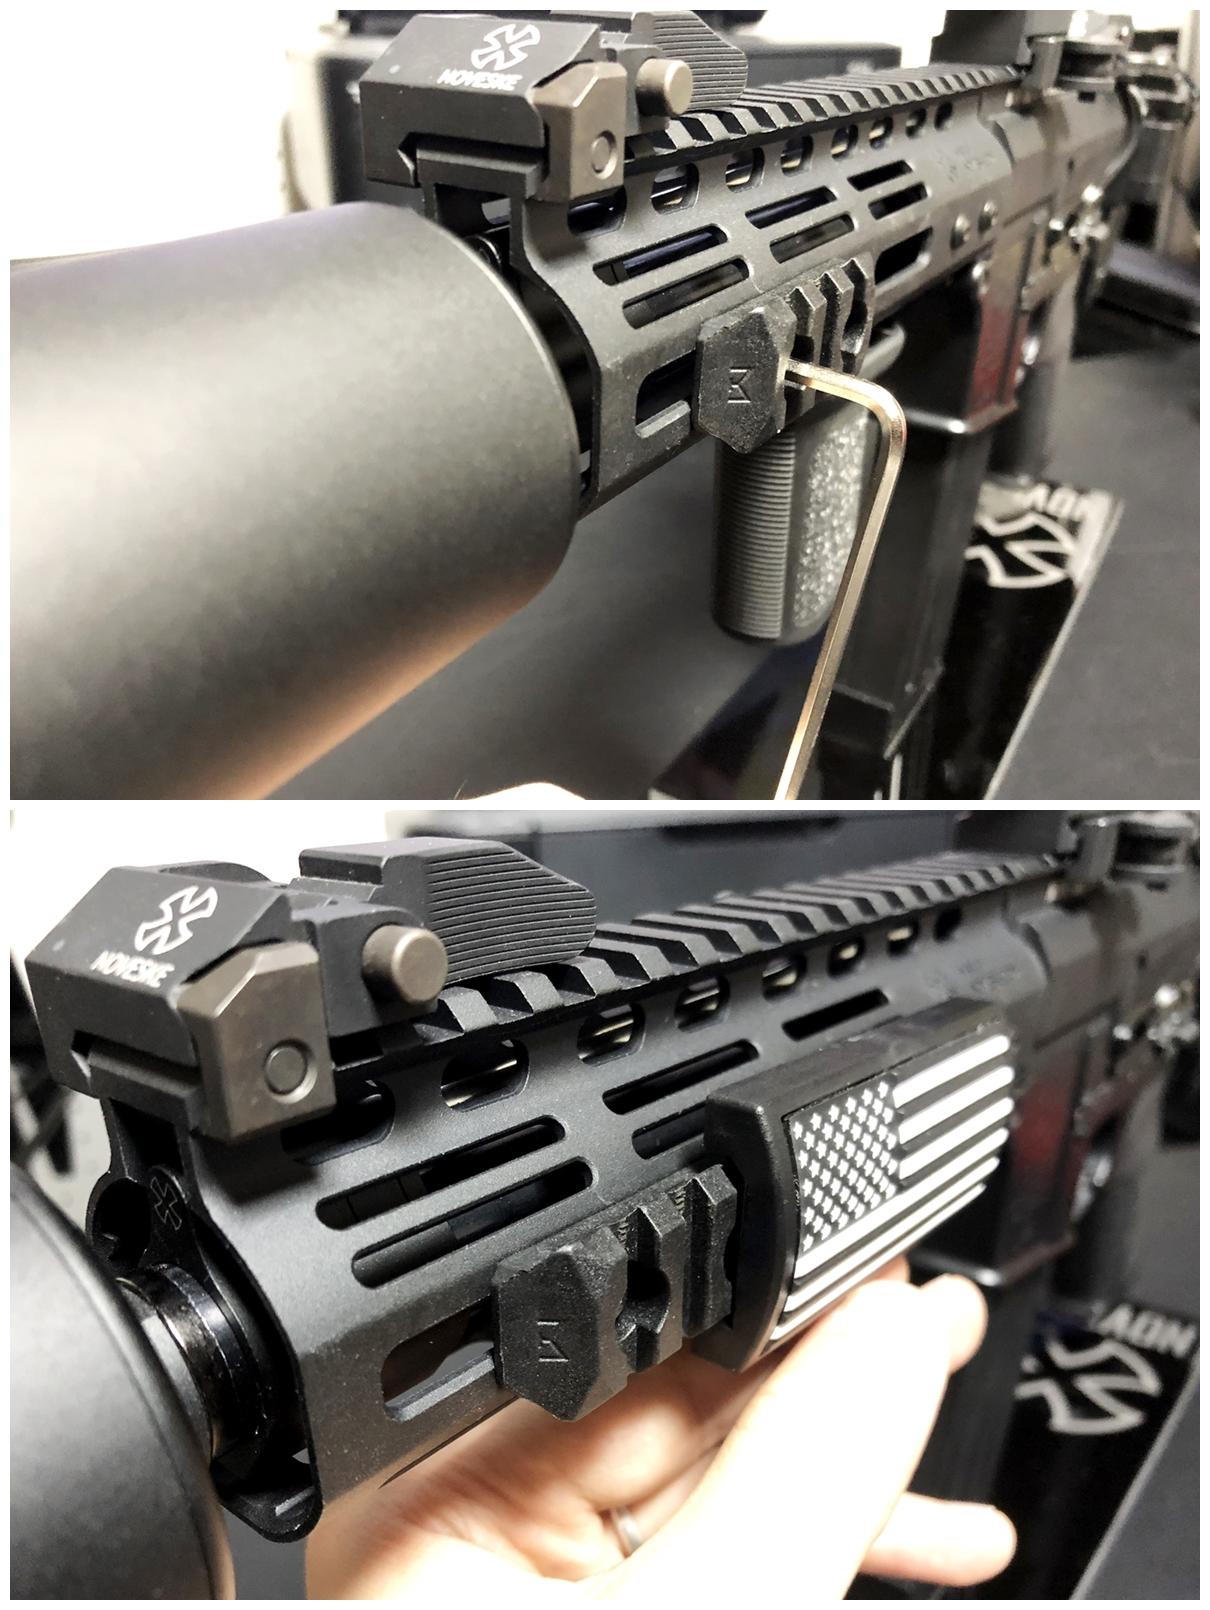 6 実物 CUSTOM GUN RAILS RAIL COVER !! PVC AMERICAN FLAG !! CUSTOM AR 15 次世代 M4 CQB-R NOVESKE N4 レイルカバー 購入 開封 取付 レビュー